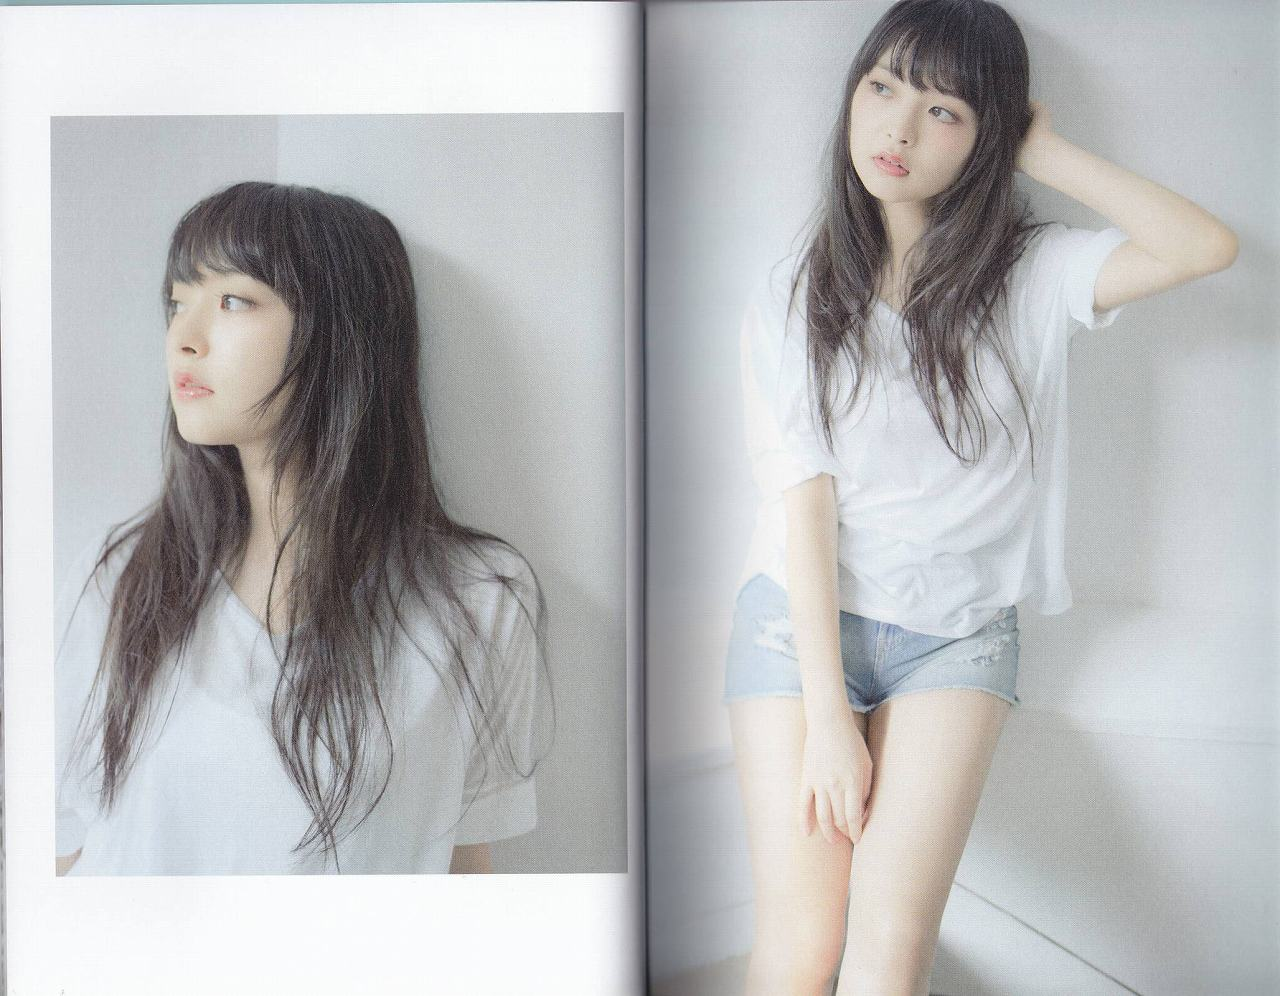 上坂すみれの本「上坂すみれ 25YEARS STYLE BOOK Sumipedia」画像